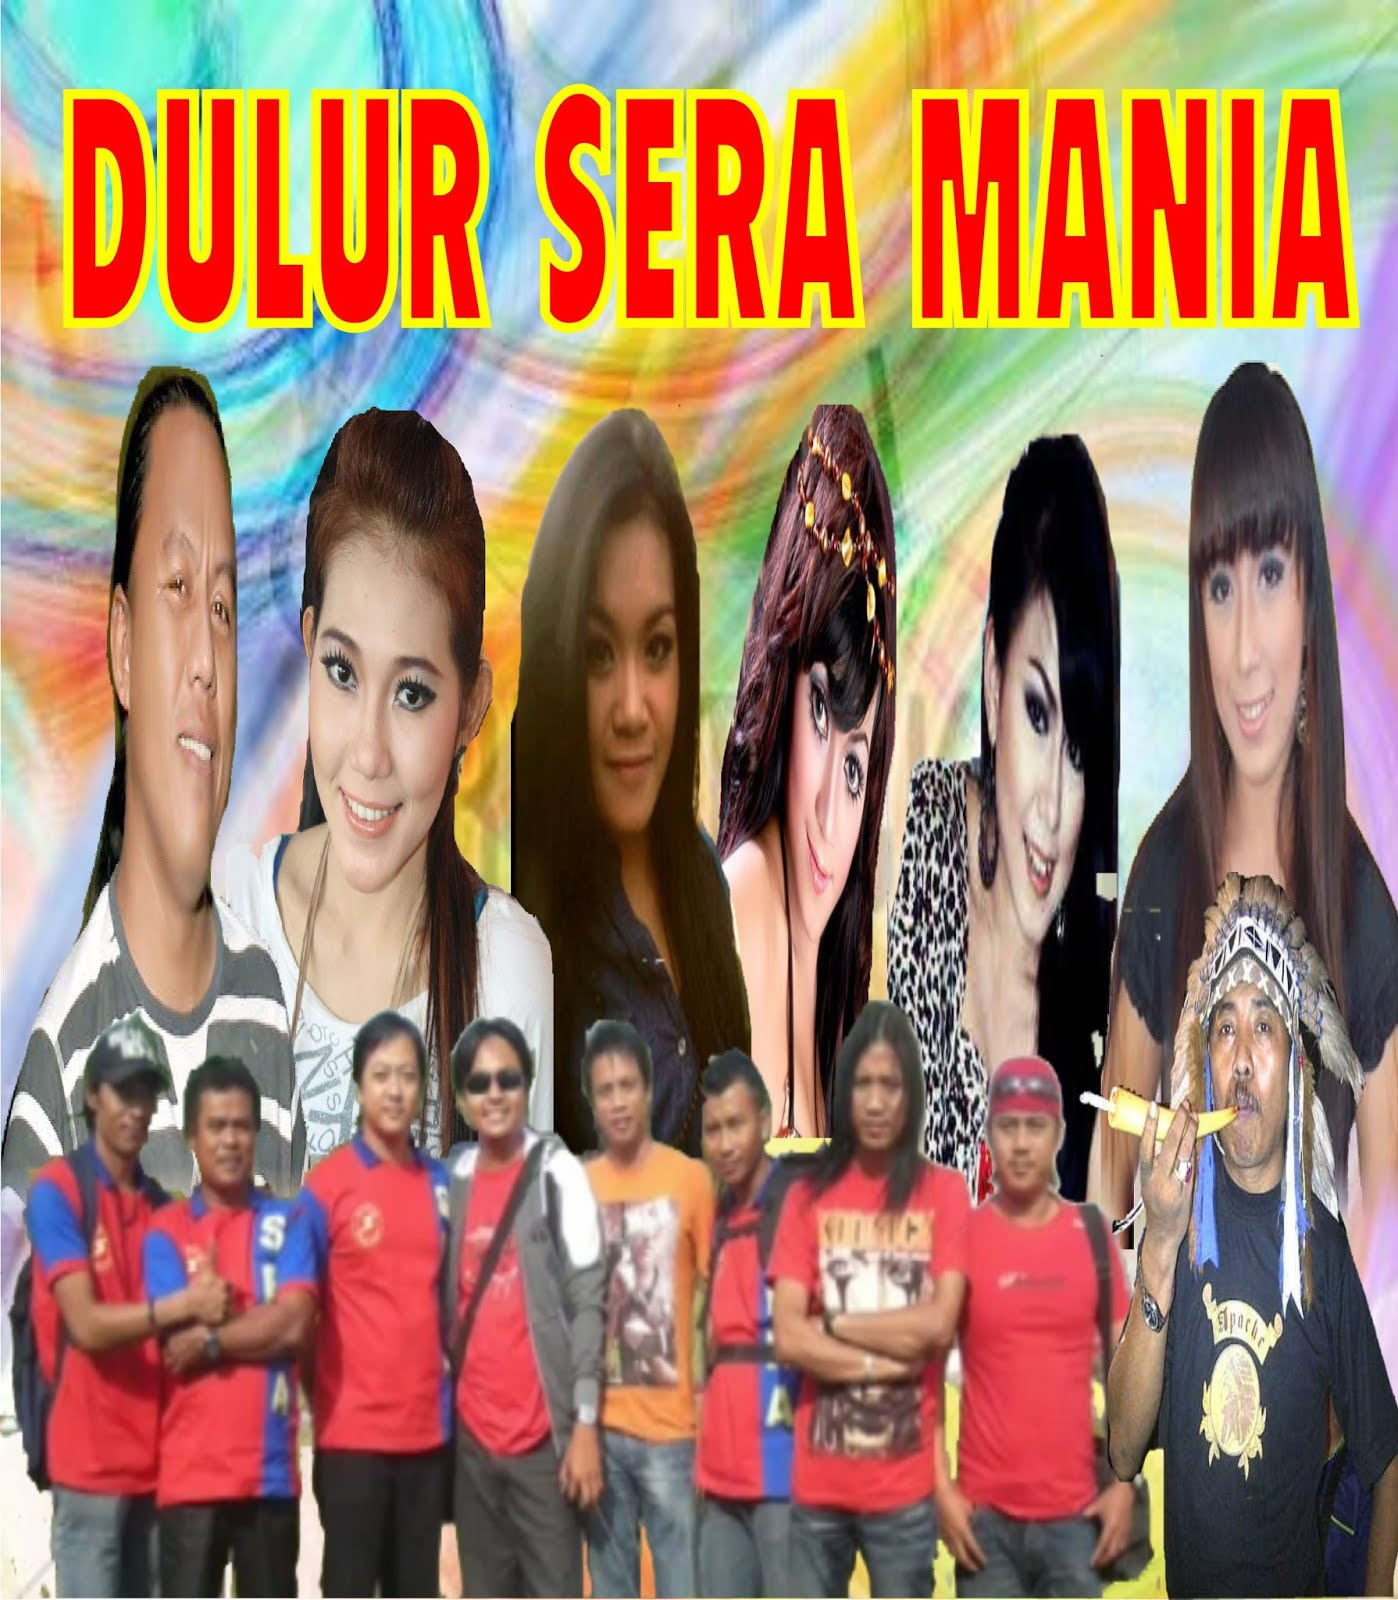 Download Lagu Dangdut Meraih Bintang: Pecinta Musik Dangdut: April 2016